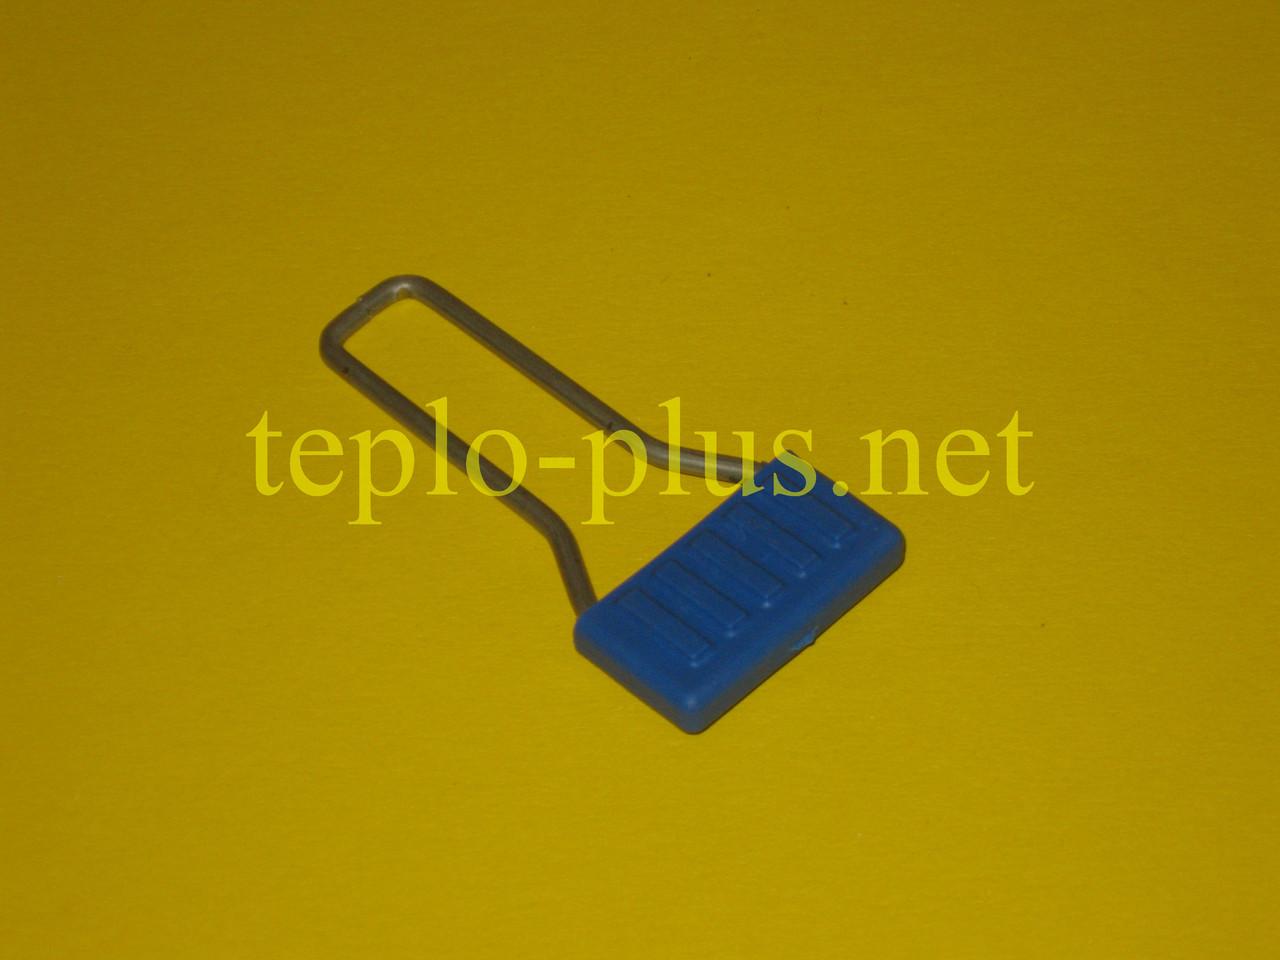 Ручка крана подпитки (крышка пластик) 8718645873 Bosch Gaz 6000 W WBN 6000-18C RN, WBN 6000-24C RN